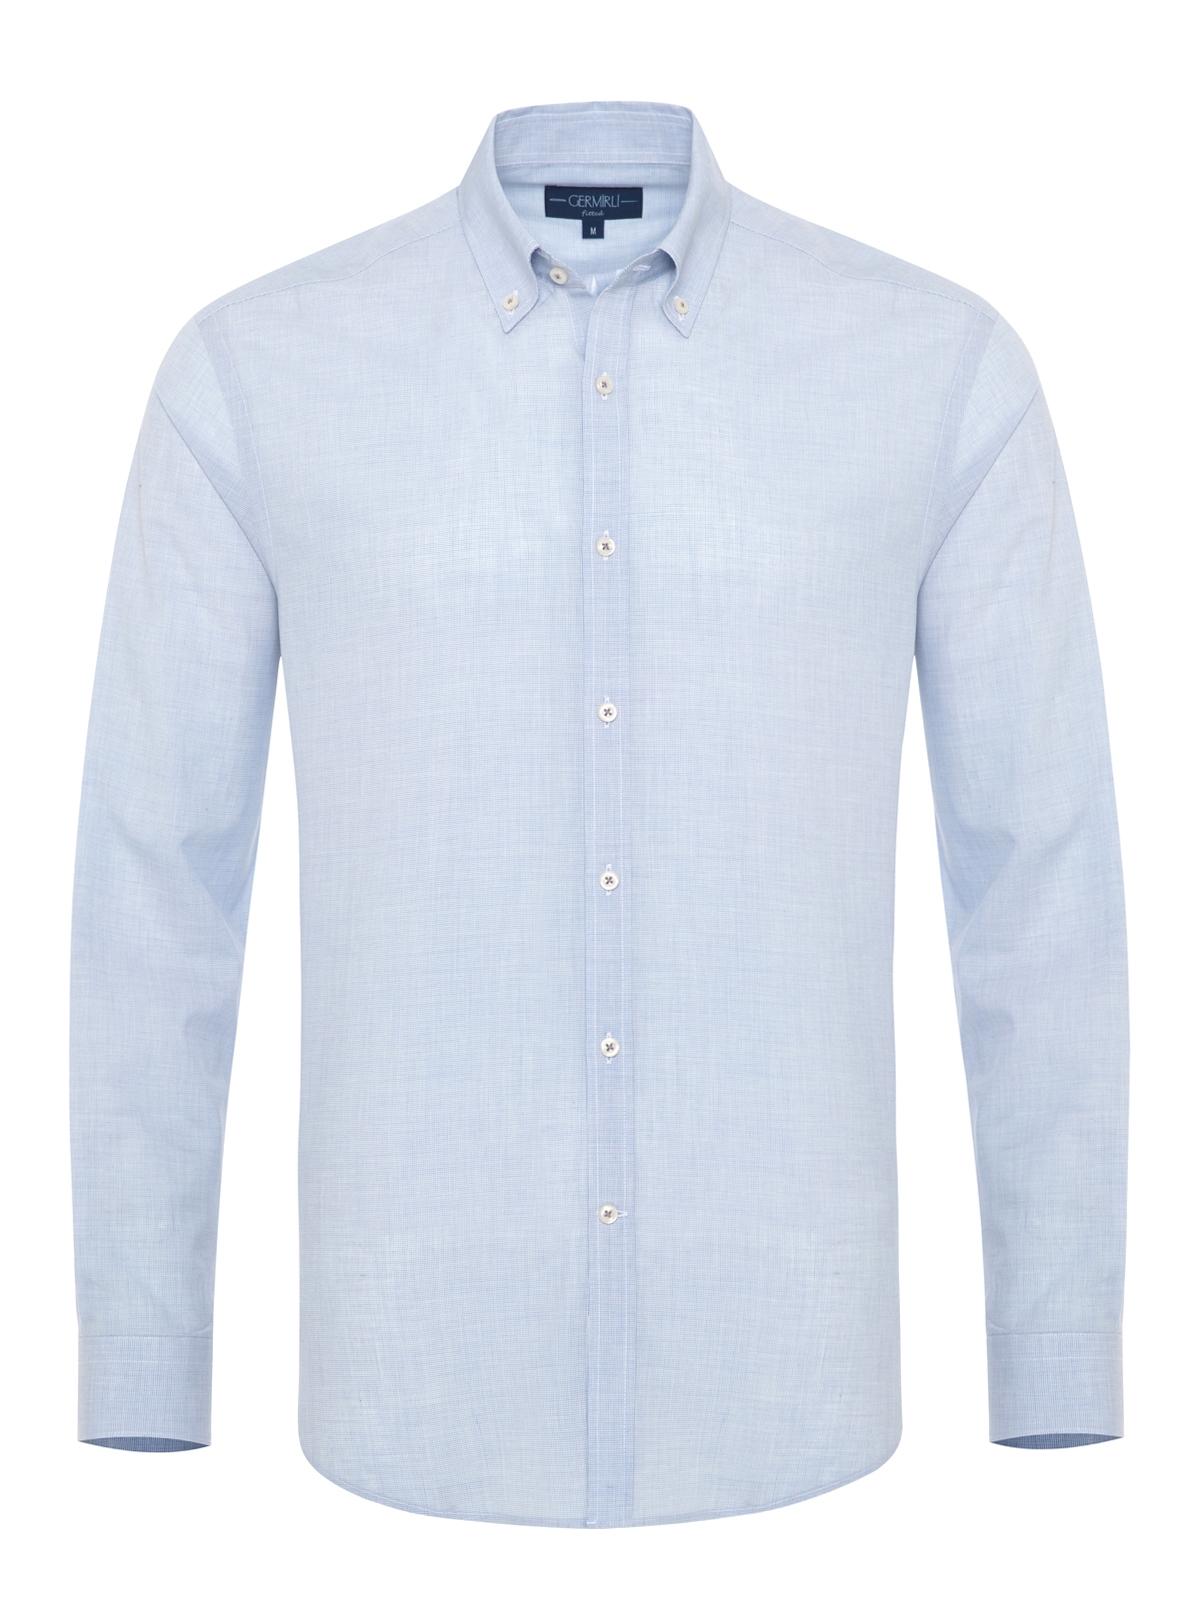 Germirli - Germirli Mavi İnce Kareli Düğmeli Yaka Tailor Fit Vual Gömlek